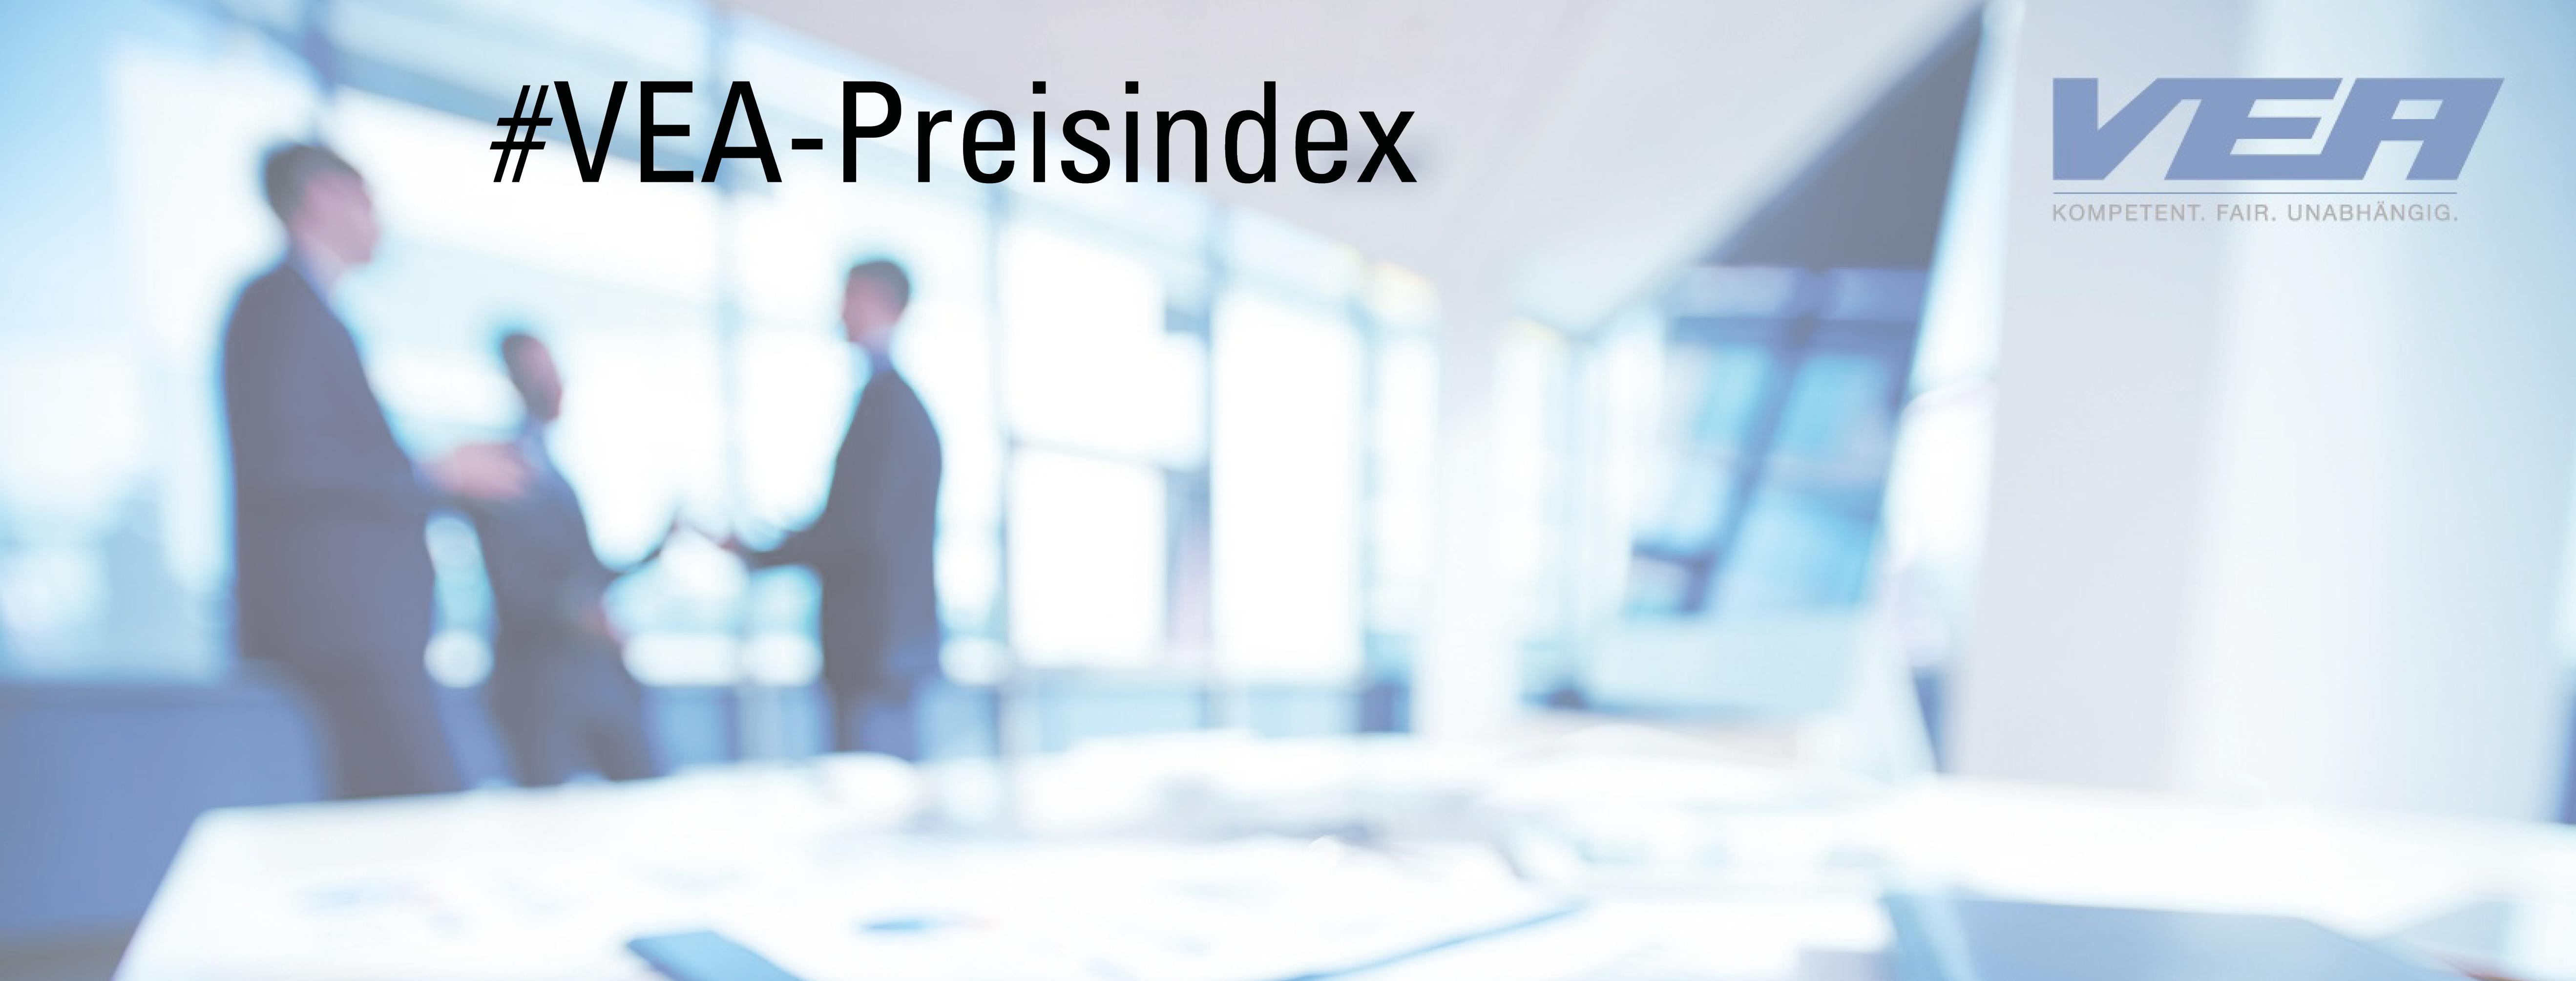 VEA-Preisindex vom 20.07.2020